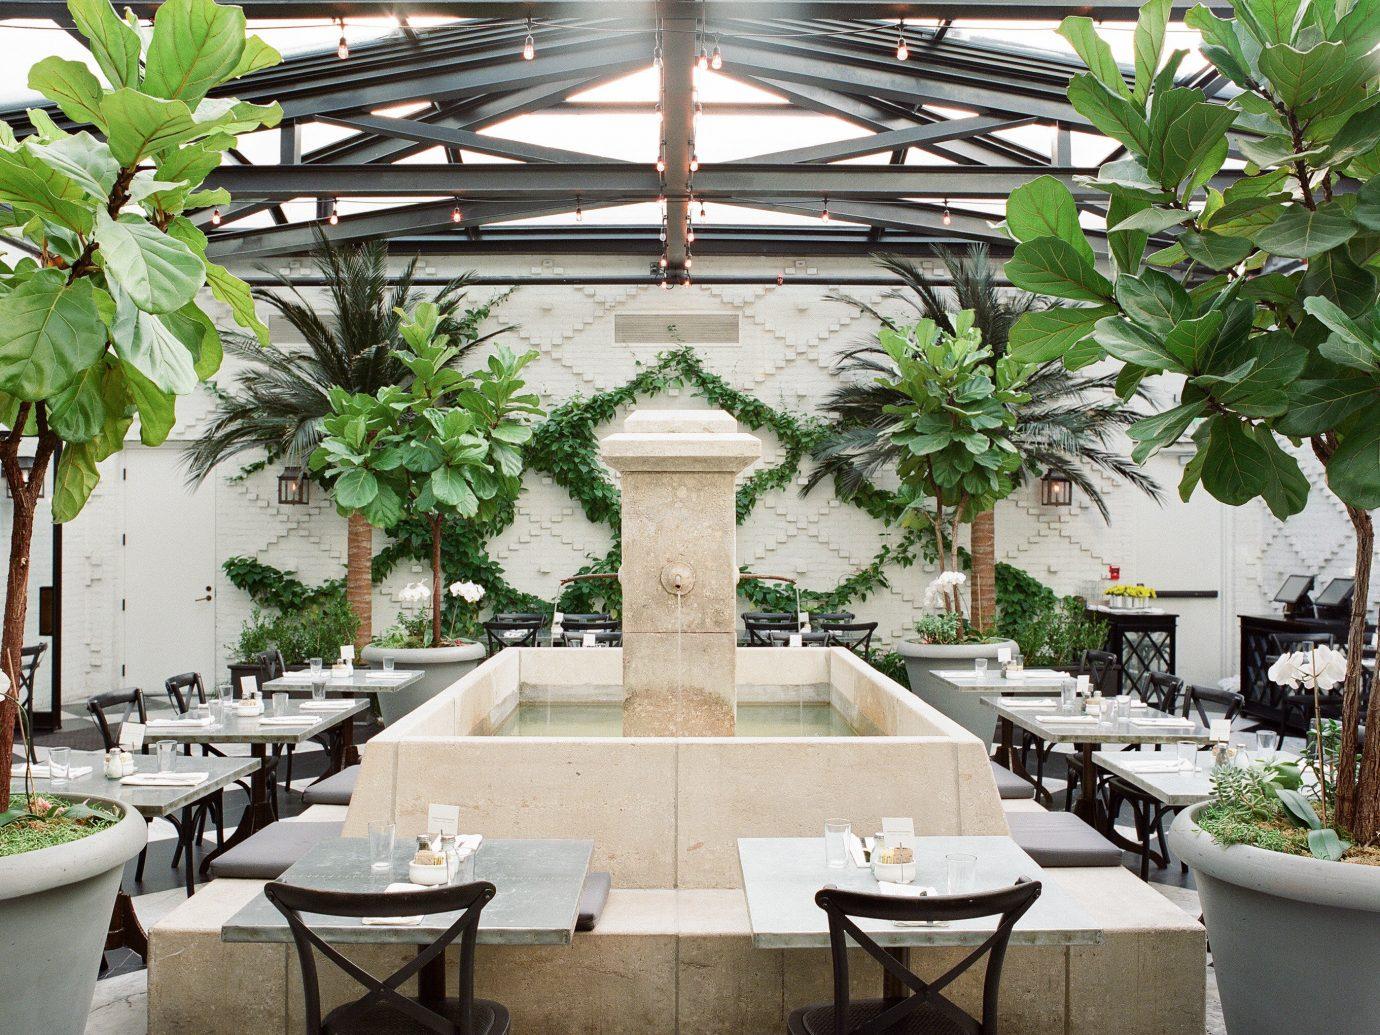 Trip Ideas plant estate Courtyard restaurant floristry home flower interior design outdoor structure Villa Design backyard Garden Resort mansion orangery